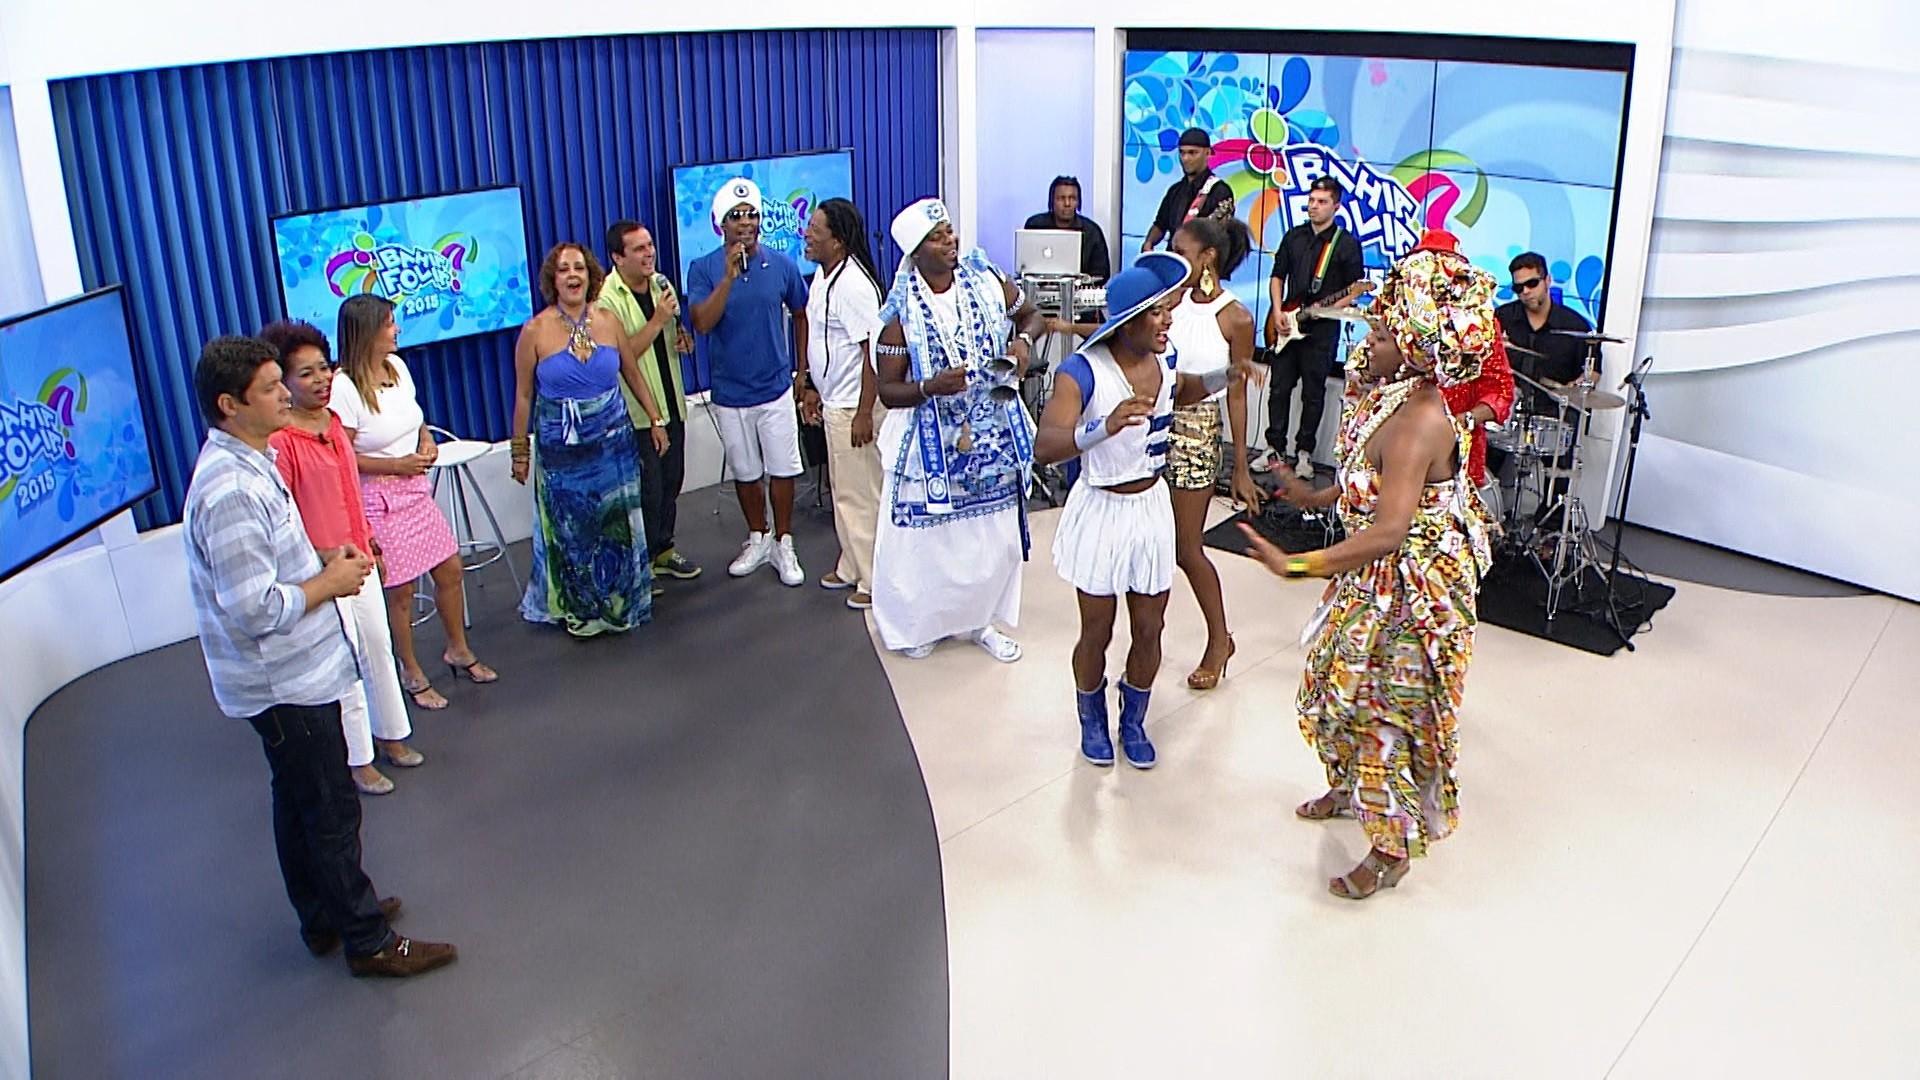 Convidados participam da gravação do programa especial de Pré Carnaval (Foto: divulgação)